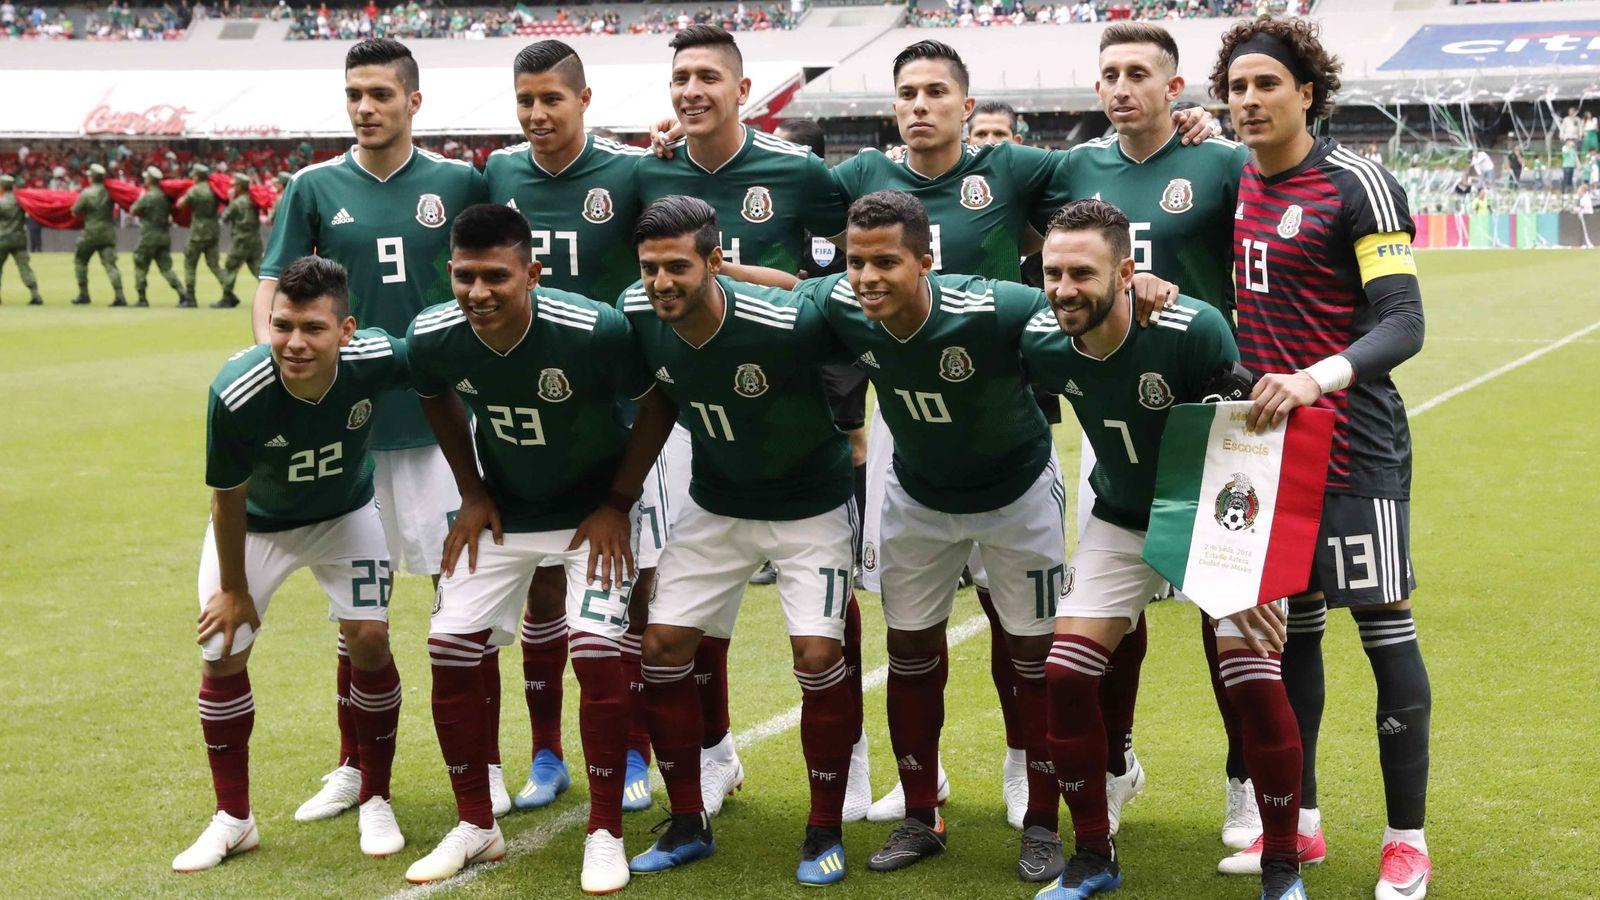 Mundial Rusia 2018   Escándalo sexual en la selección mexicana antes del Mundial  2018  Es su día libre af5fd6ea0da09